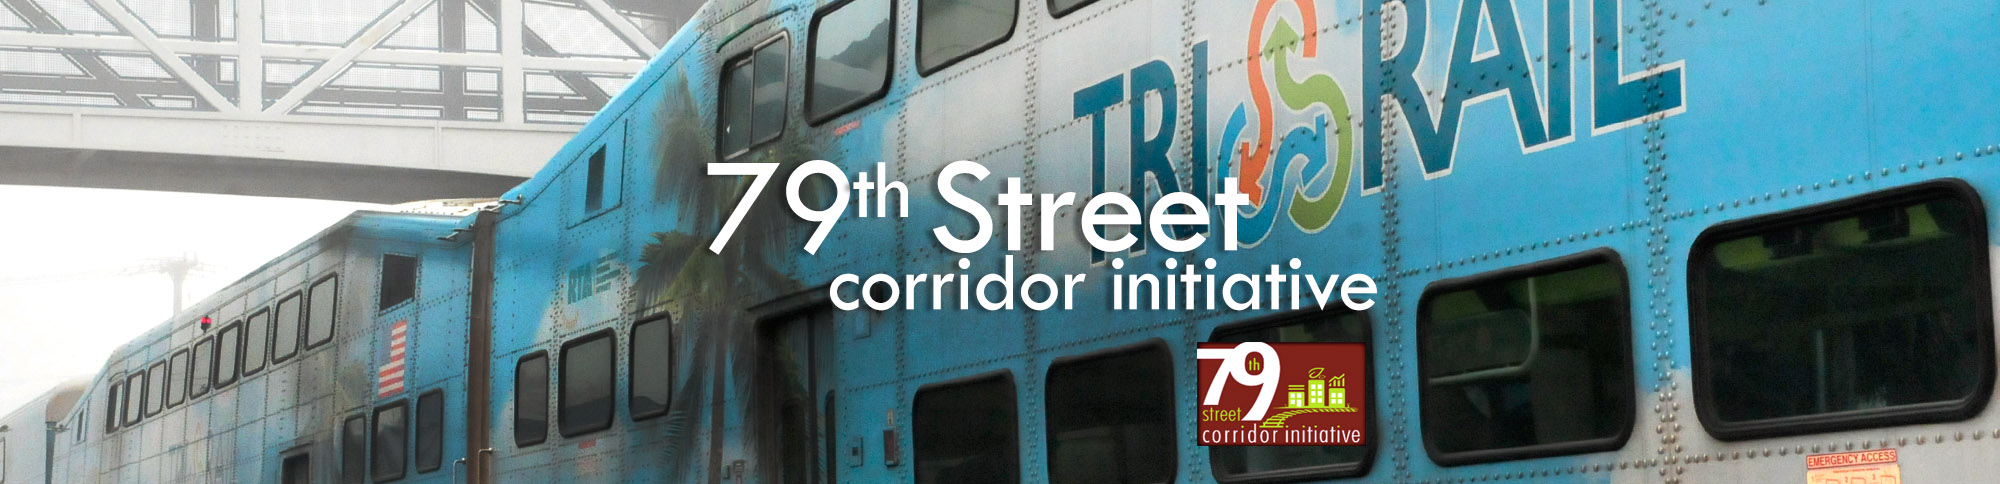 slider1-train